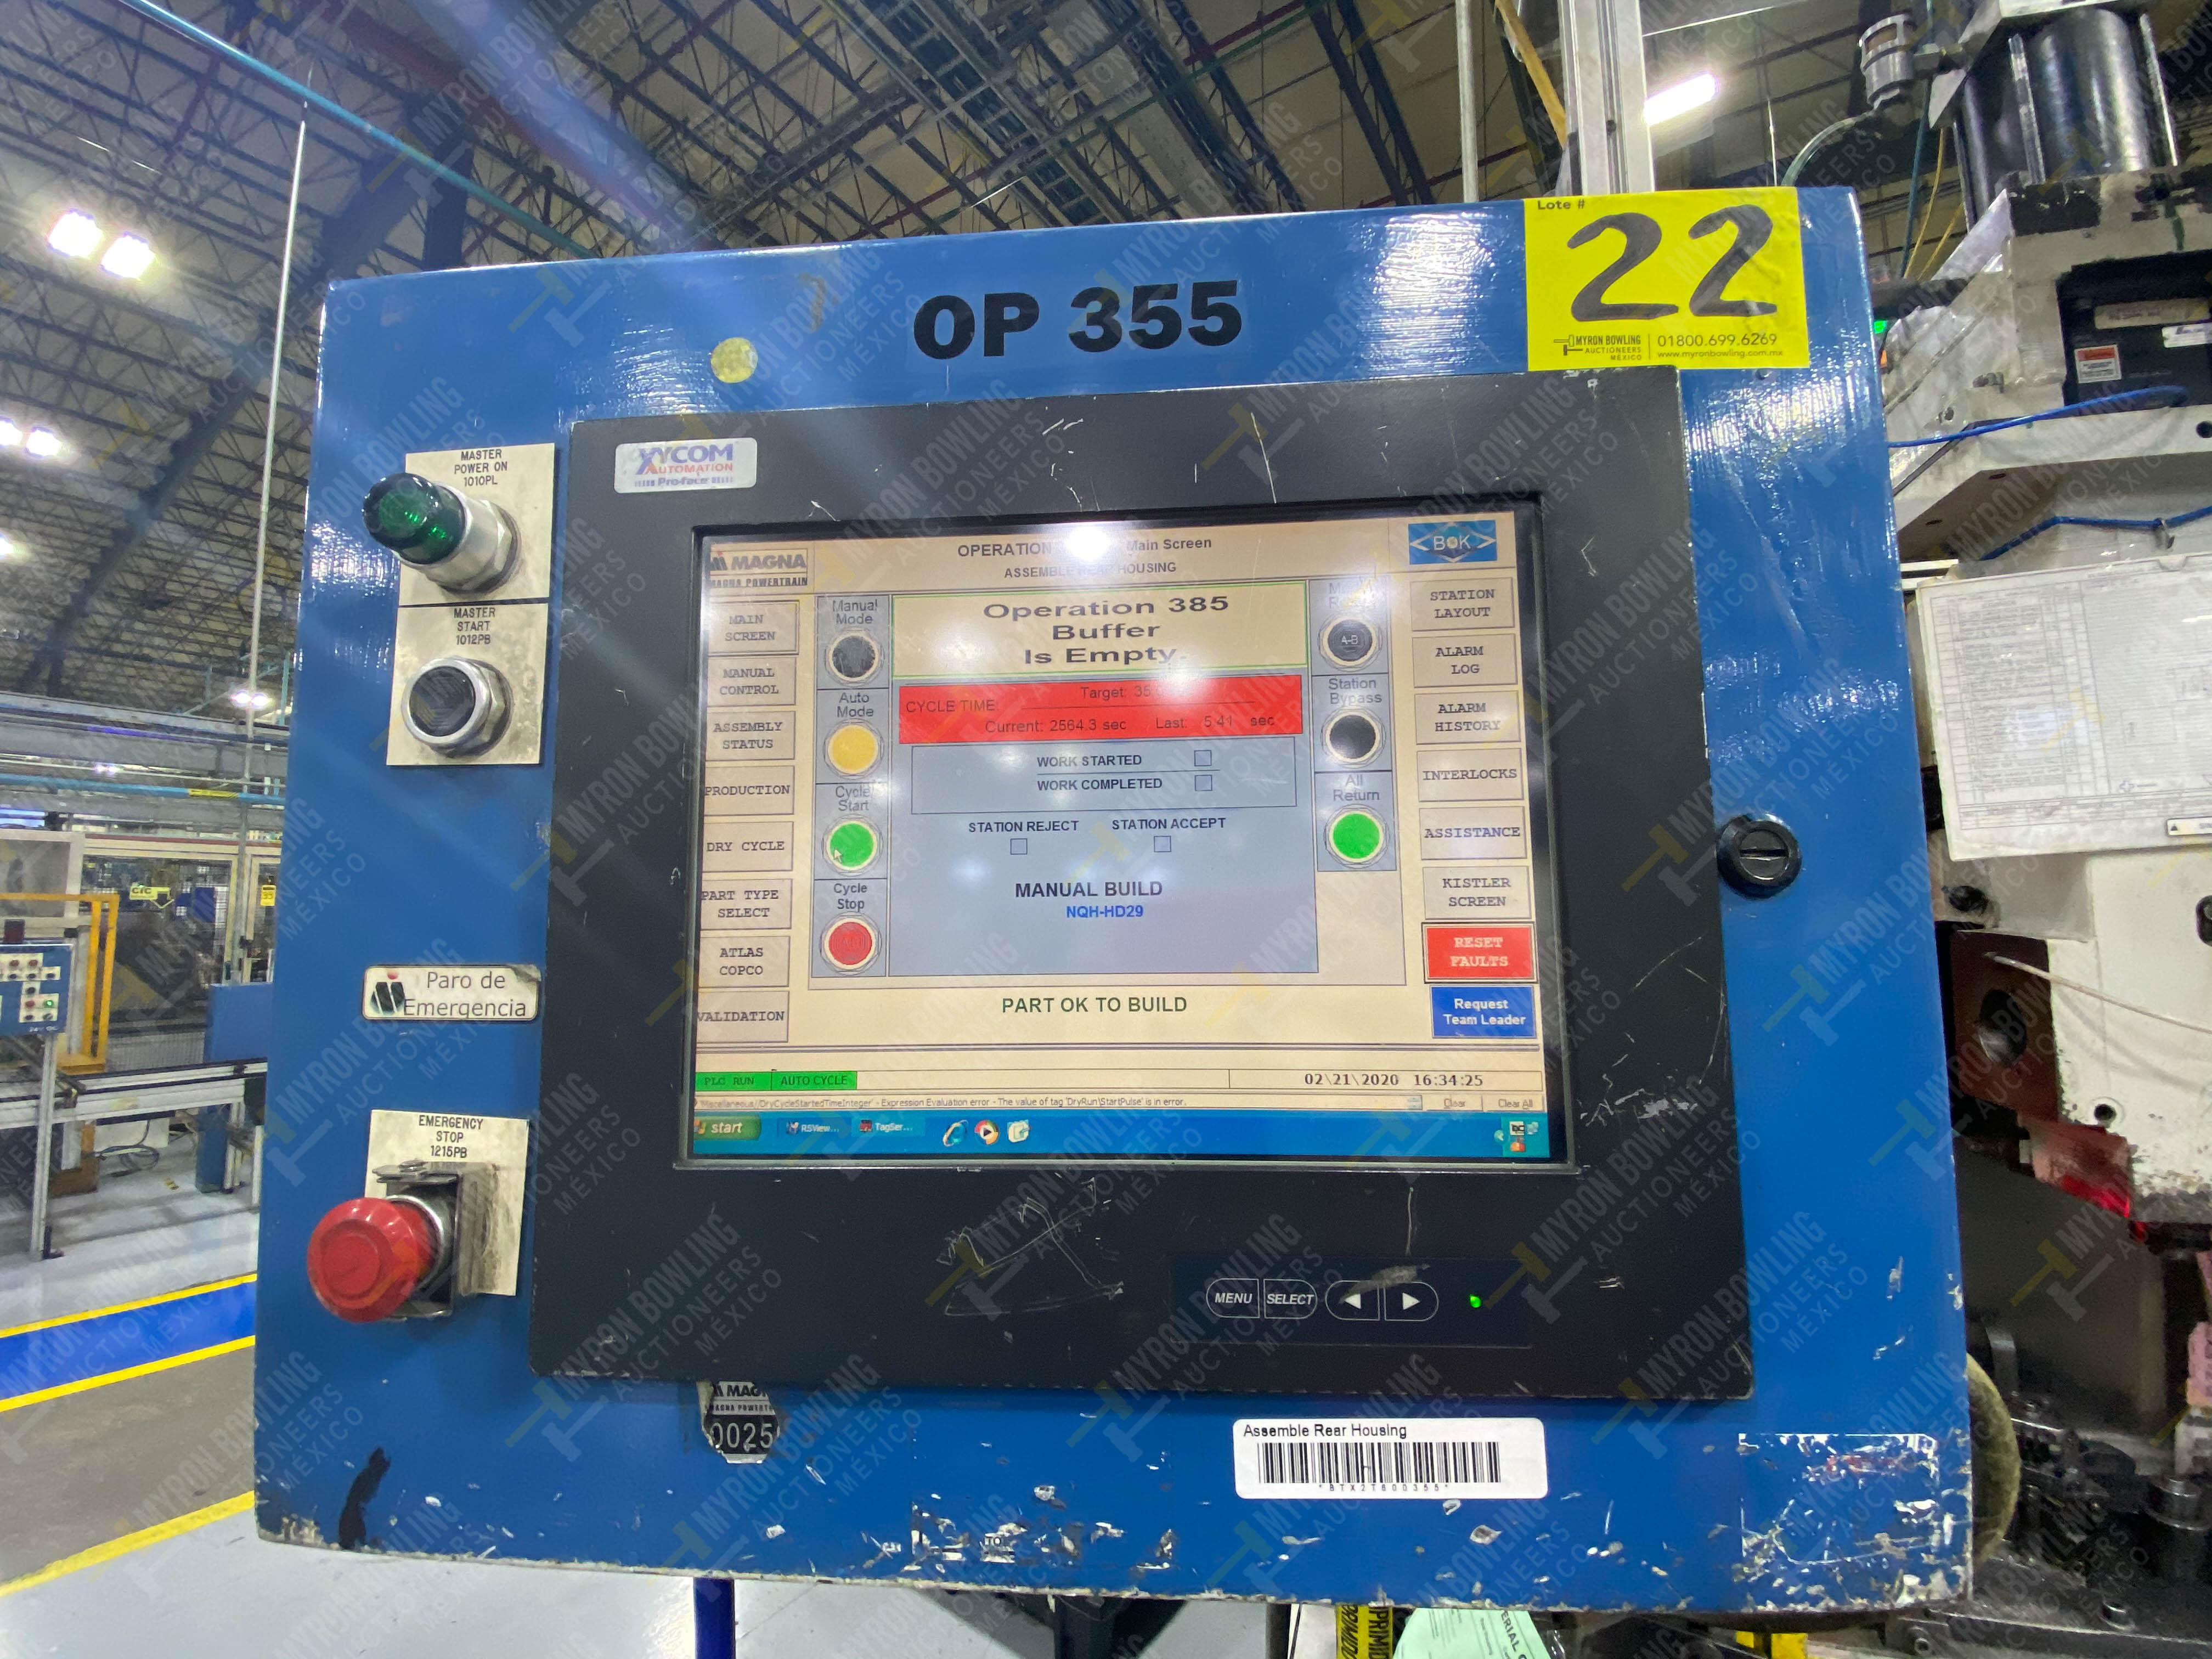 Estación semiautomática para operación 355A, contiene: Prensa en estructura de placa de acero - Image 33 of 36